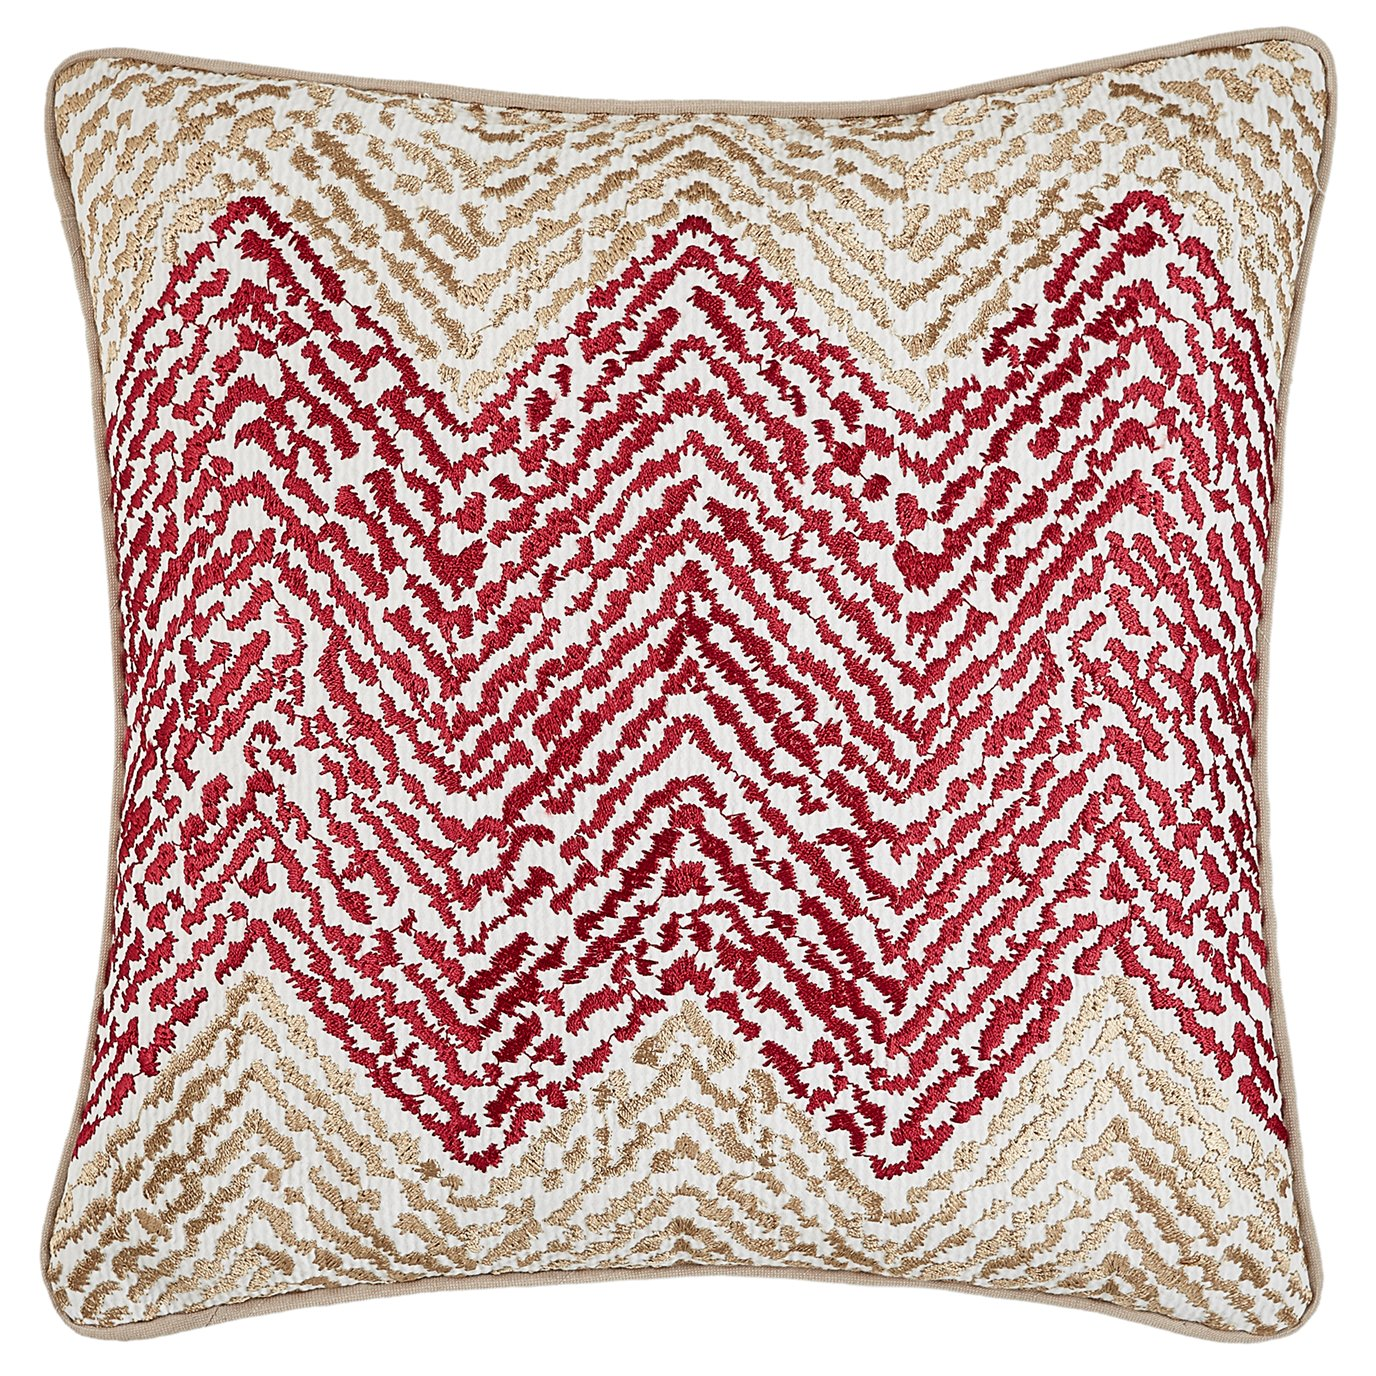 Adriel Fashion Pillow 16x16